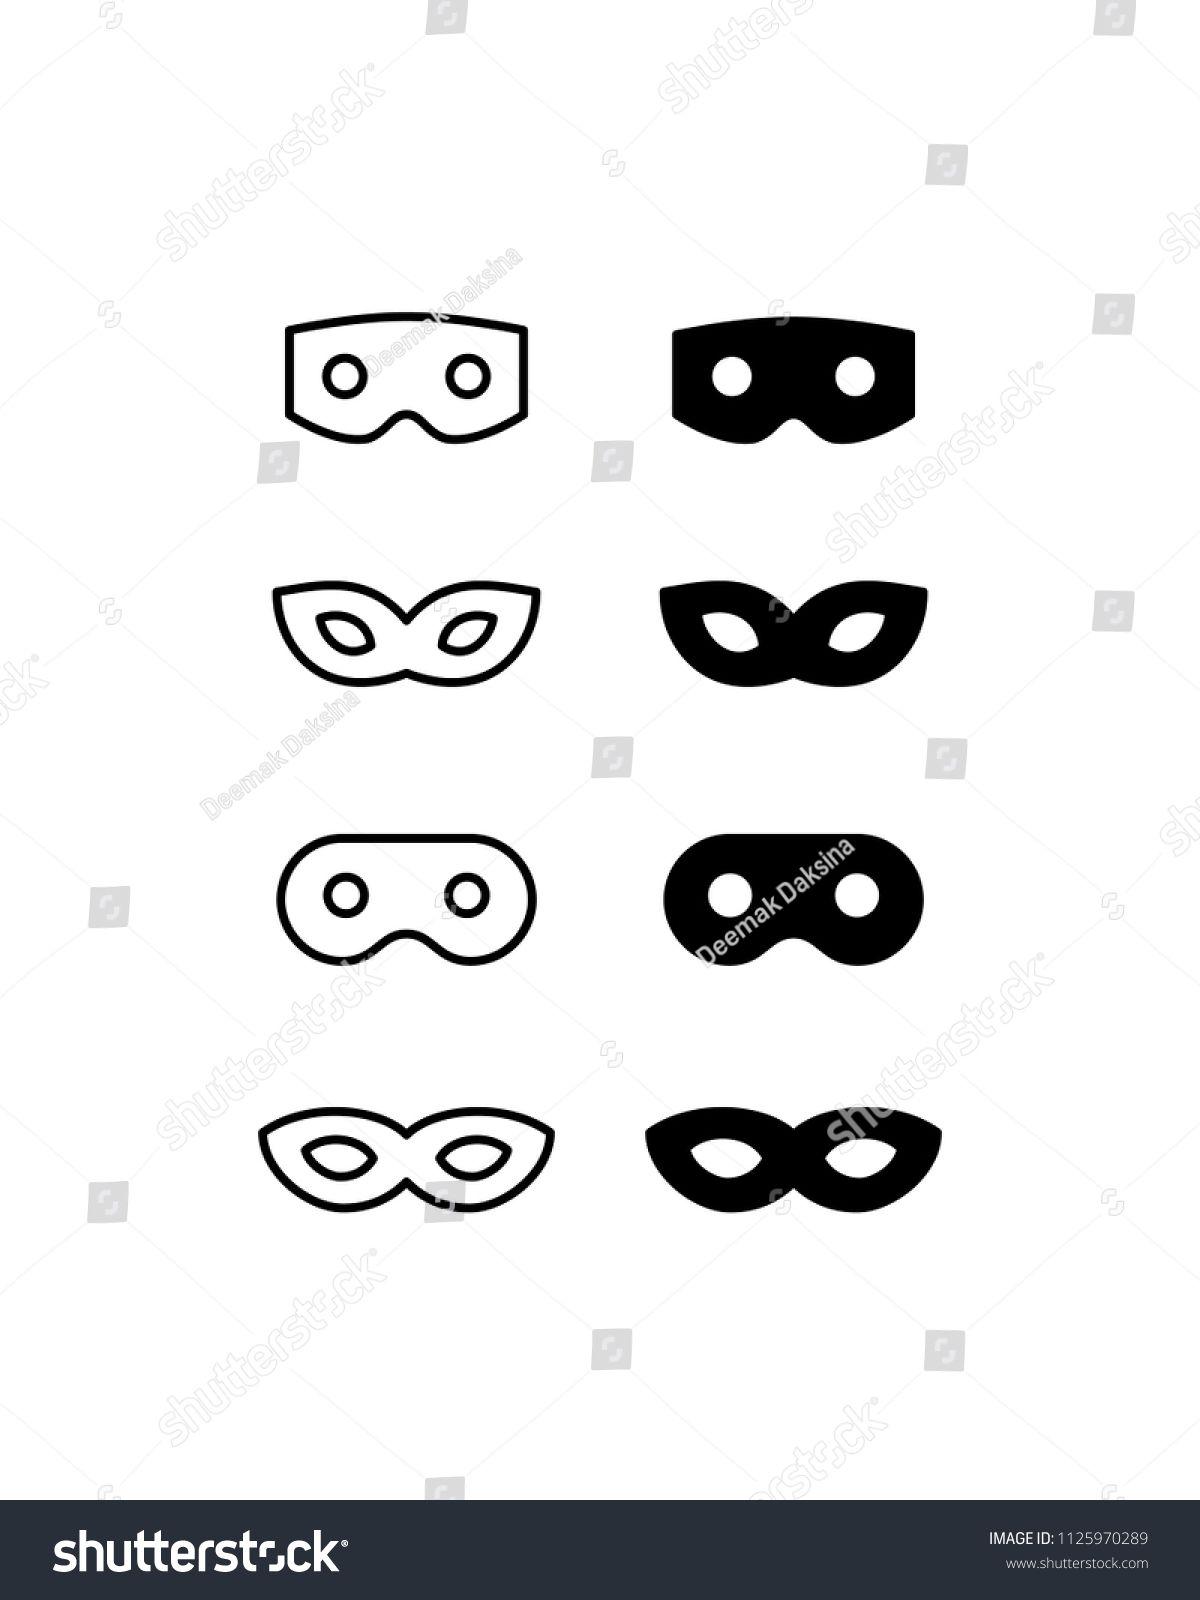 google incognito icon